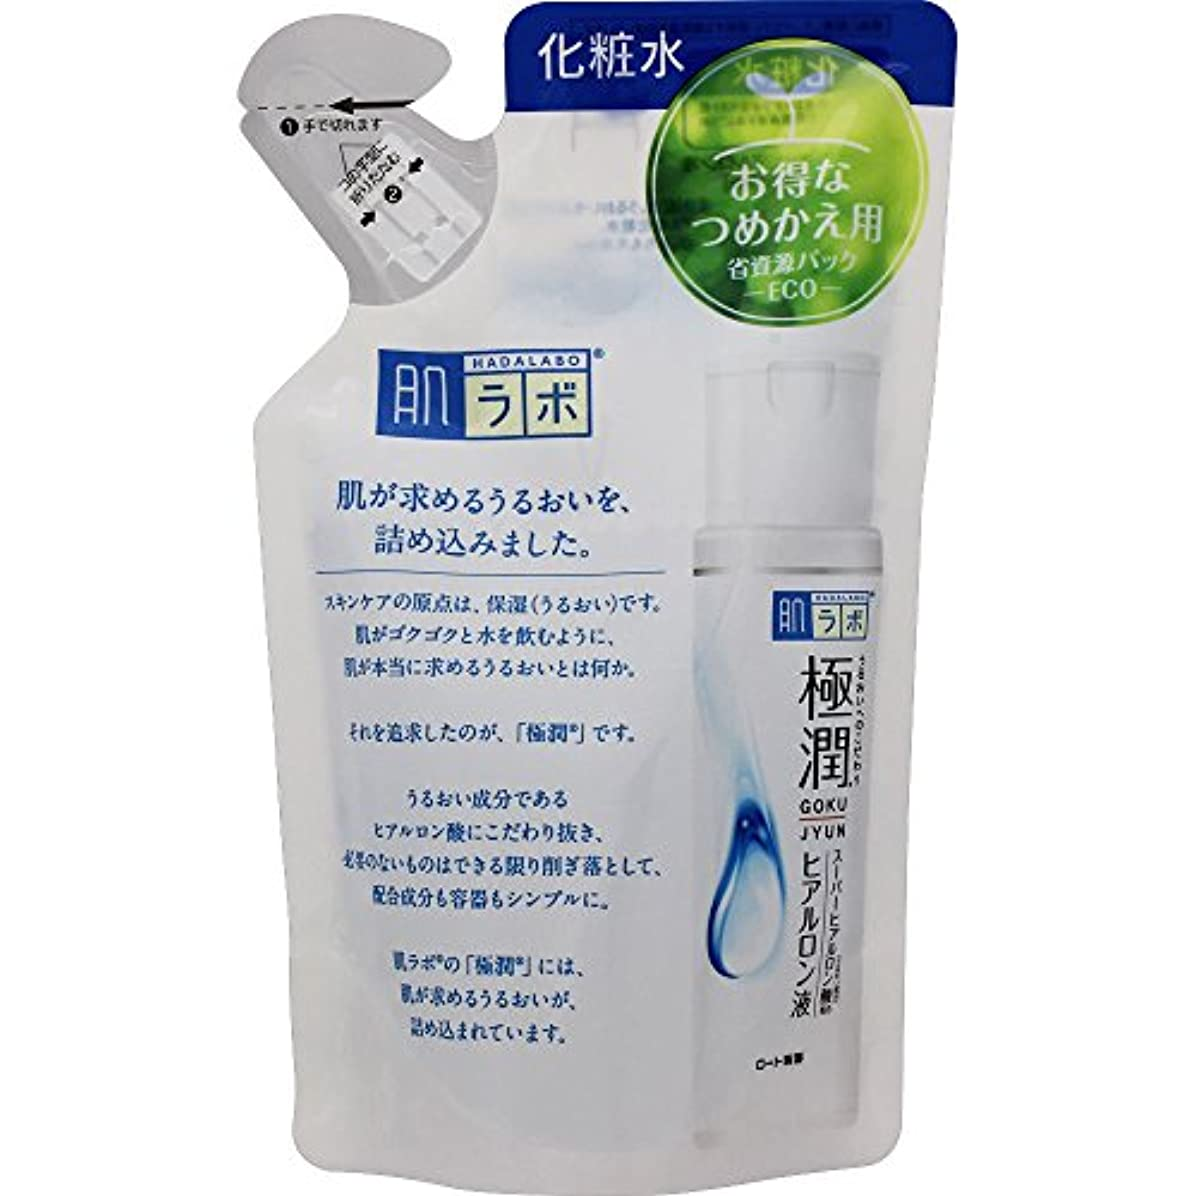 昼食タイヤ短命肌ラボ 極潤 ヒアルロン酸 化粧水 ヒアルロン酸3種配合 詰替用 170ml